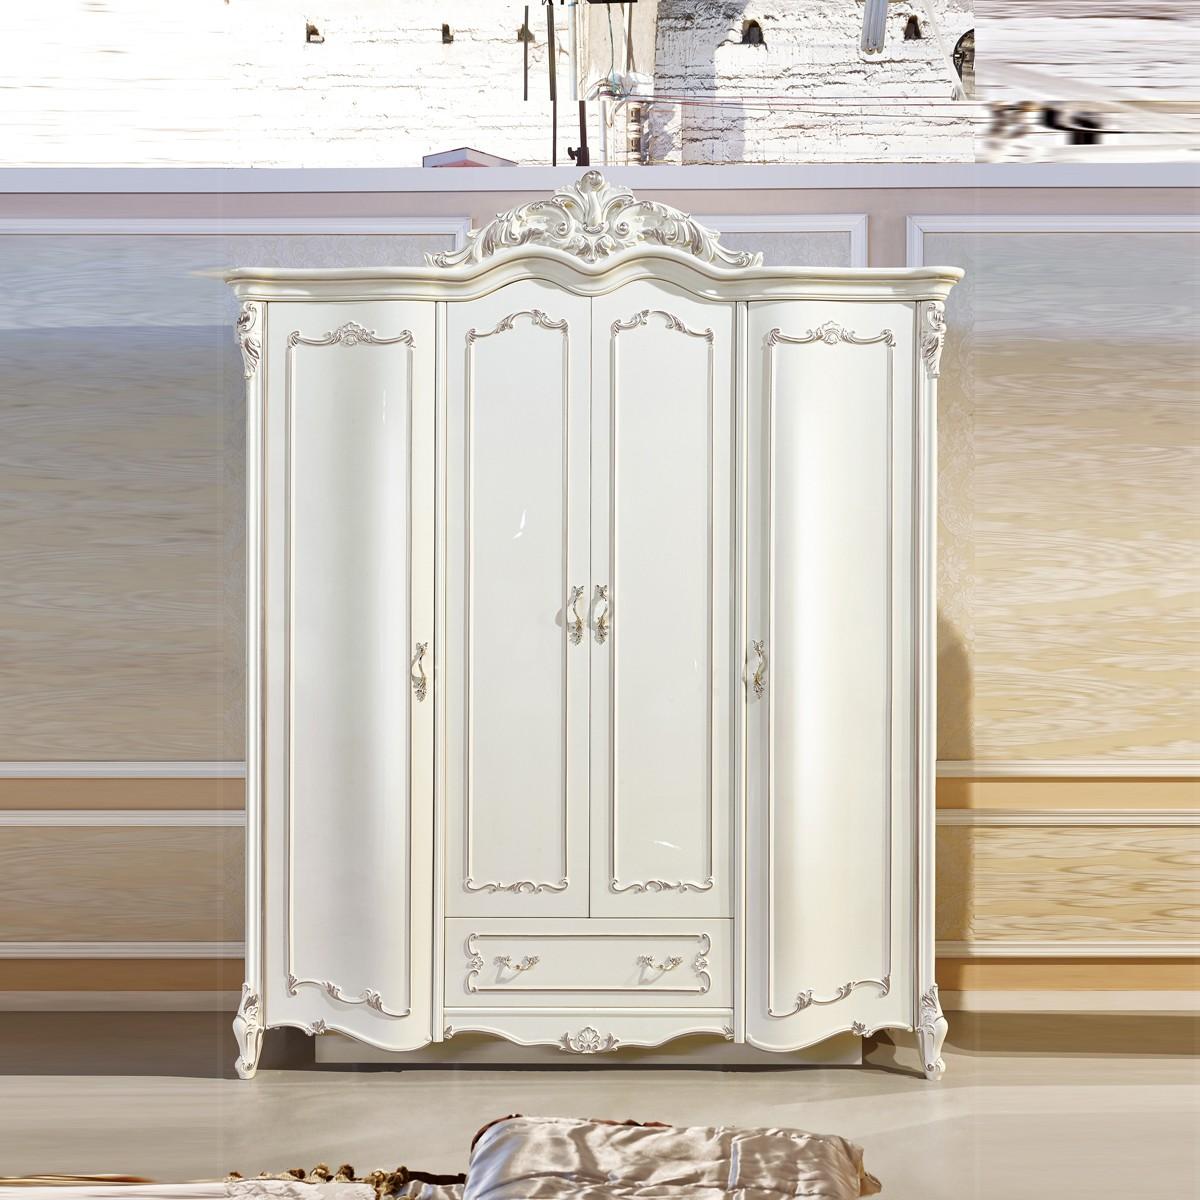 Tủ áo 4 cánh cong Tân cổ điển màu trắng ngọc trai TU8802H phong cách quí phái